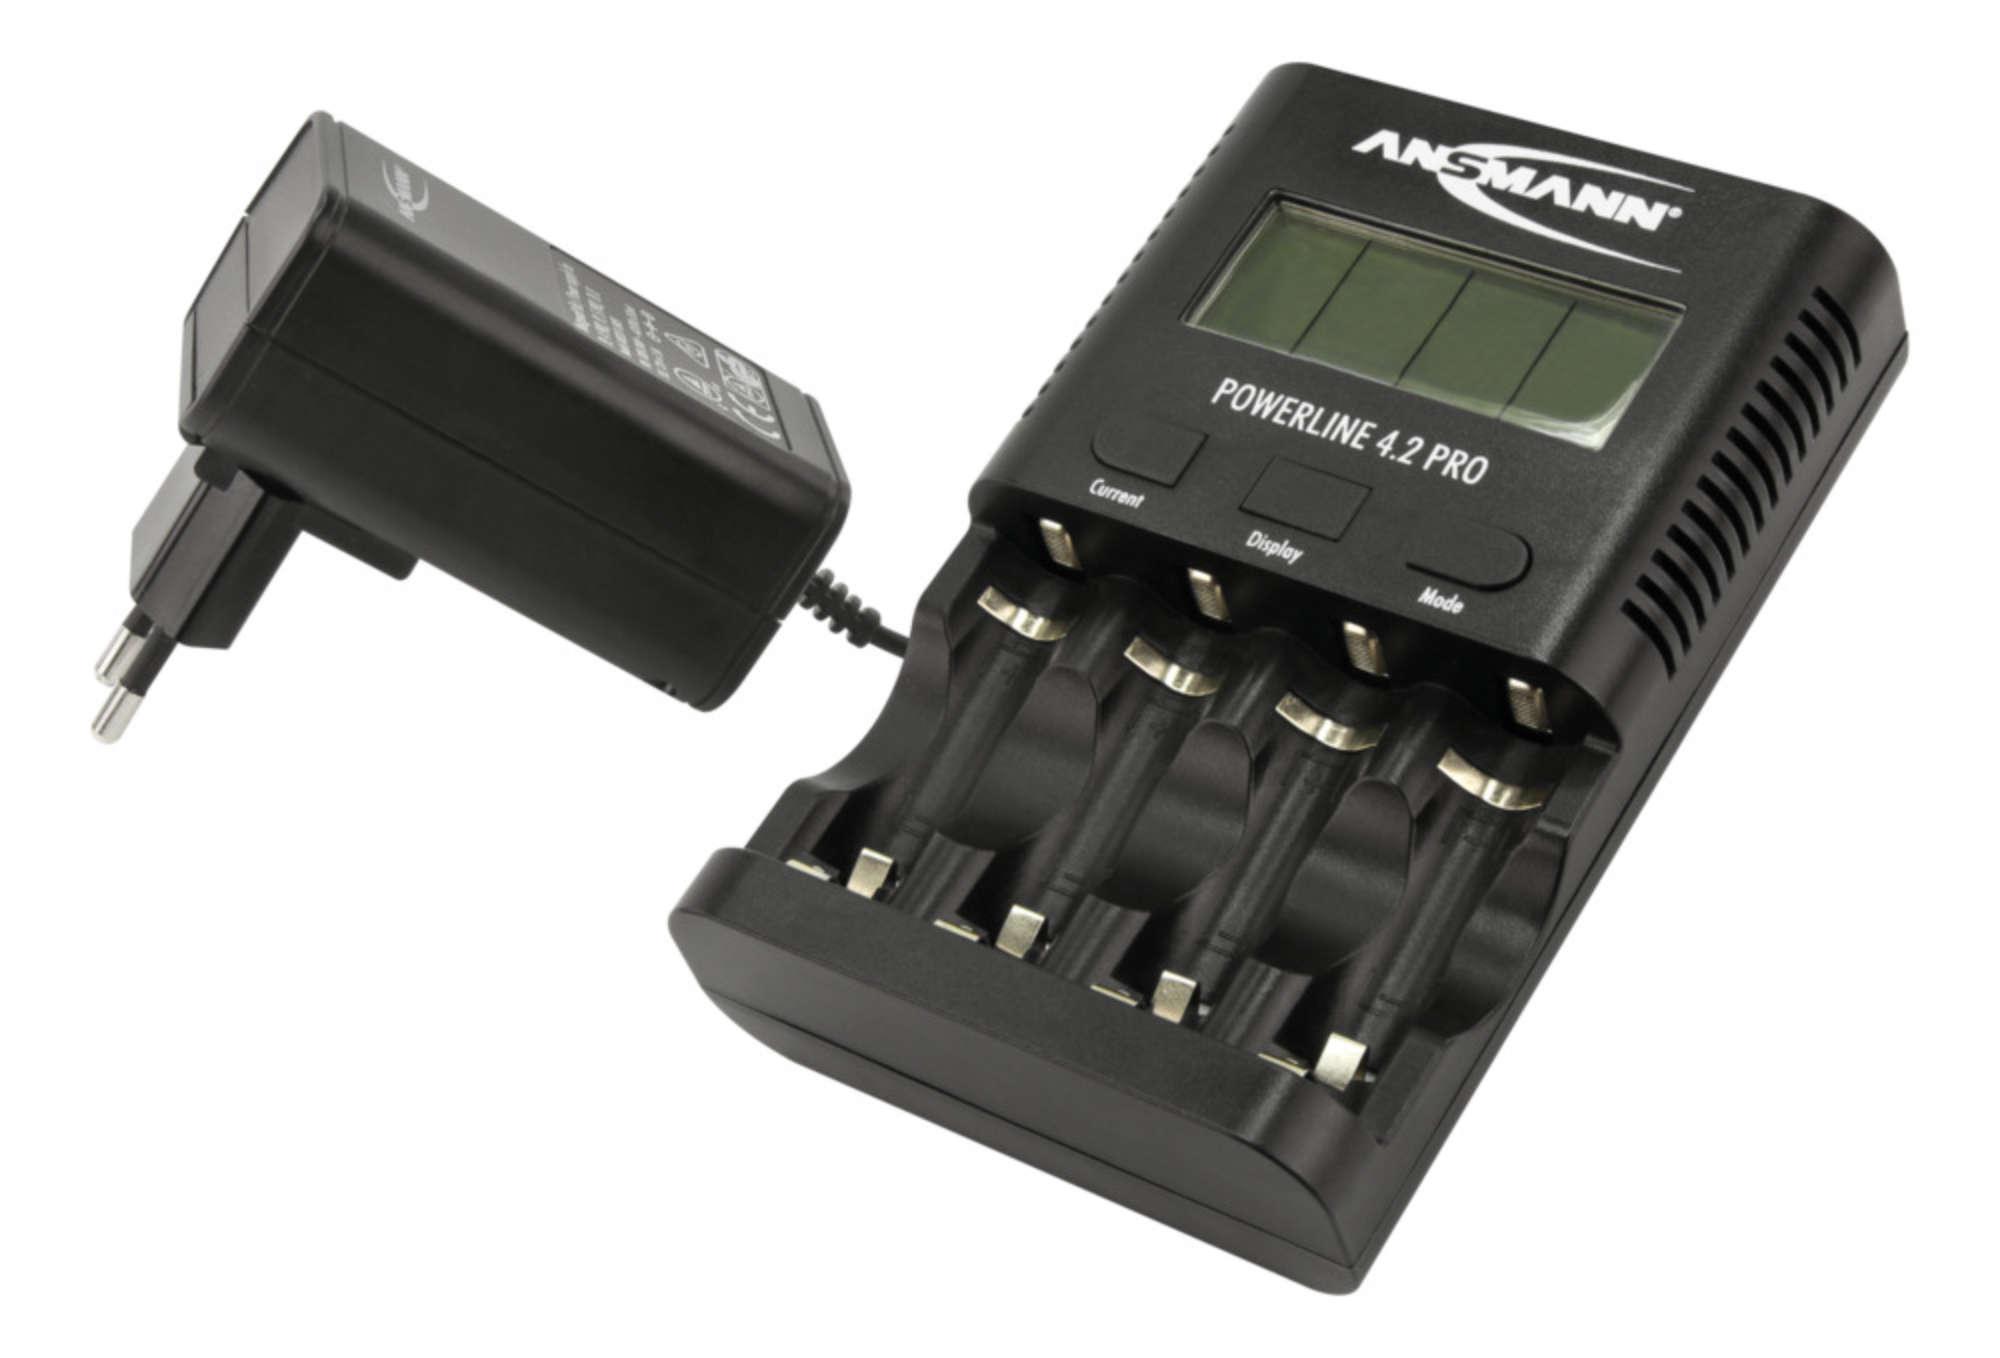 ANSMANN Bộ sạc Pin POWERLINE 4.2 PRO - 1001-0079